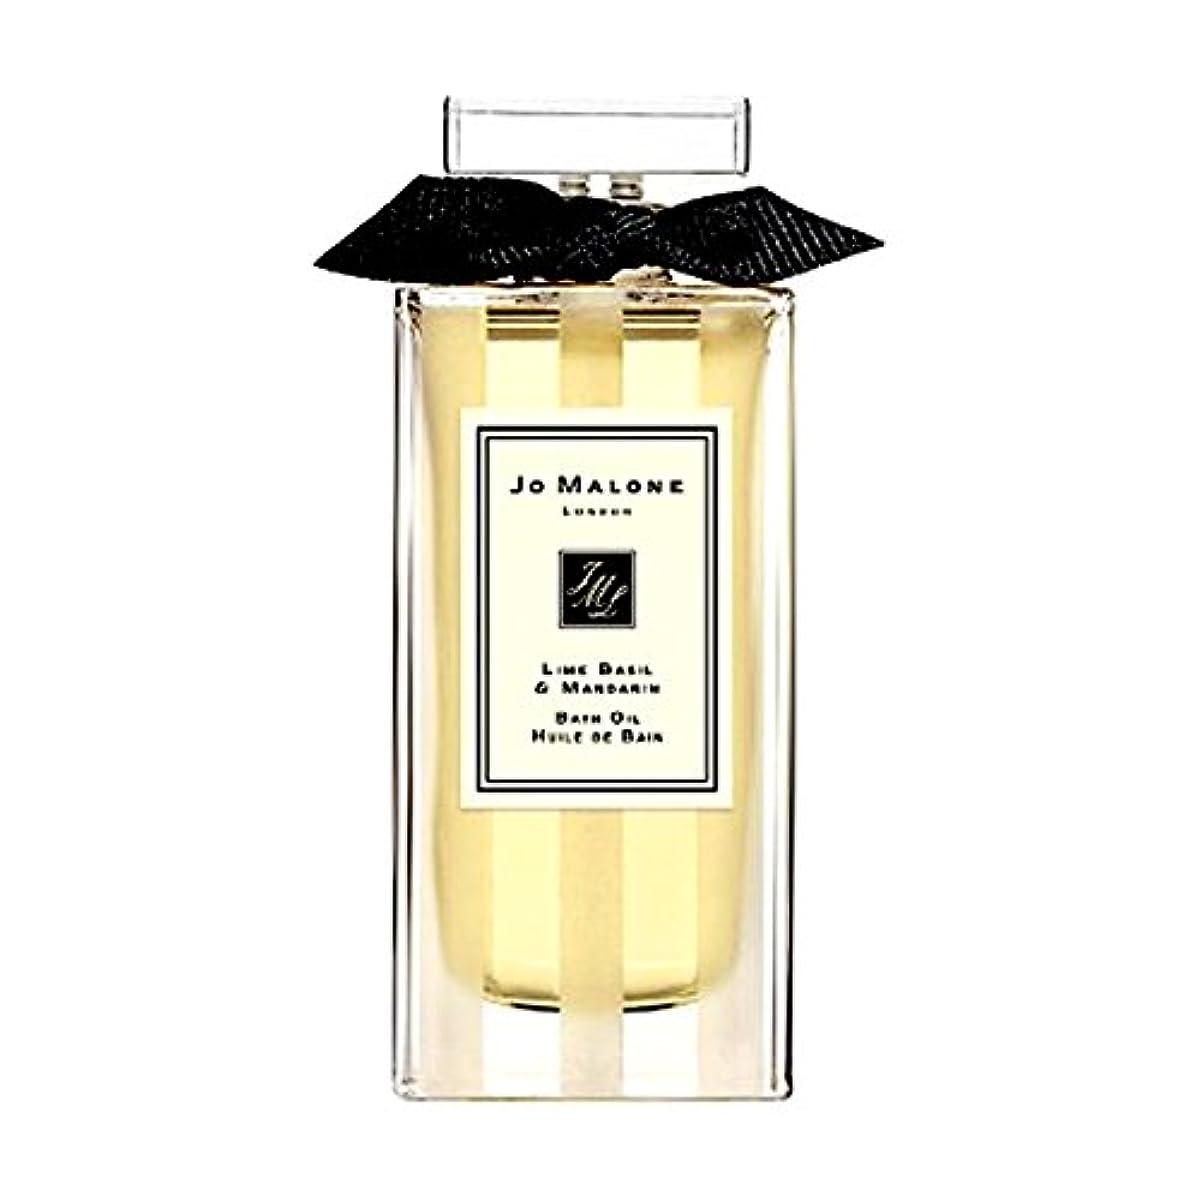 発明回転する方程式Jo Maloneジョーマローン, バスオイル -ライムバジル&マンダリン (30ml),' Lime Basil & Mandarin' Bath Oil (1oz) [海外直送品] [並行輸入品]